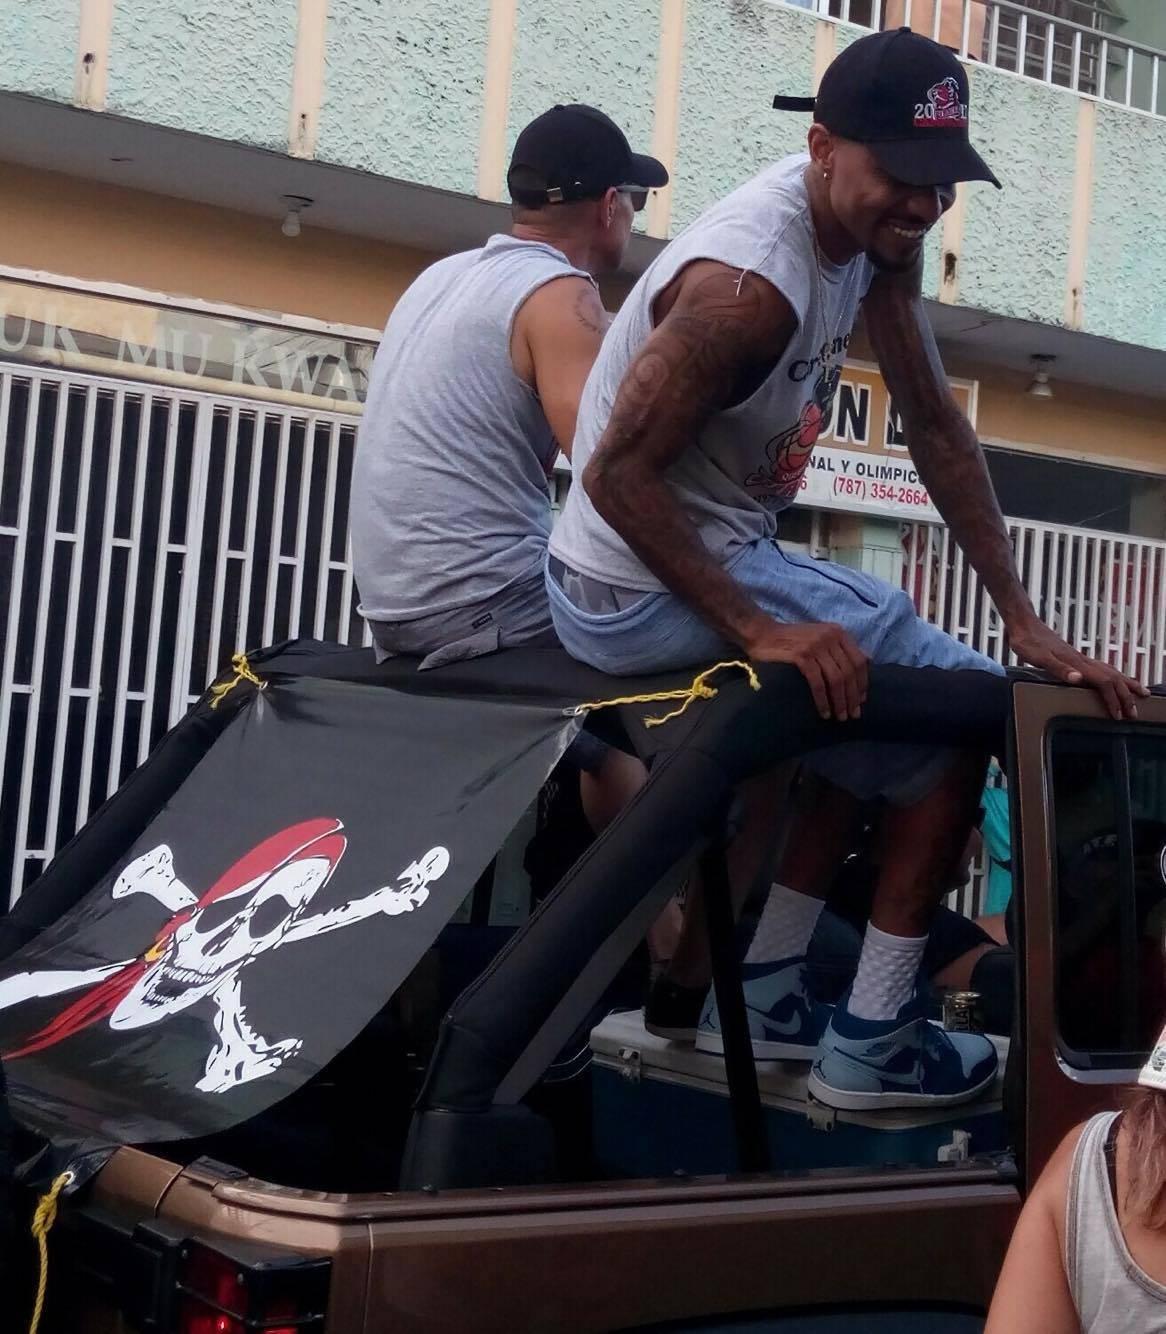 Quebradillas celebró ayer el campeonato de los Piratas con una gran caravana. / Suministrada